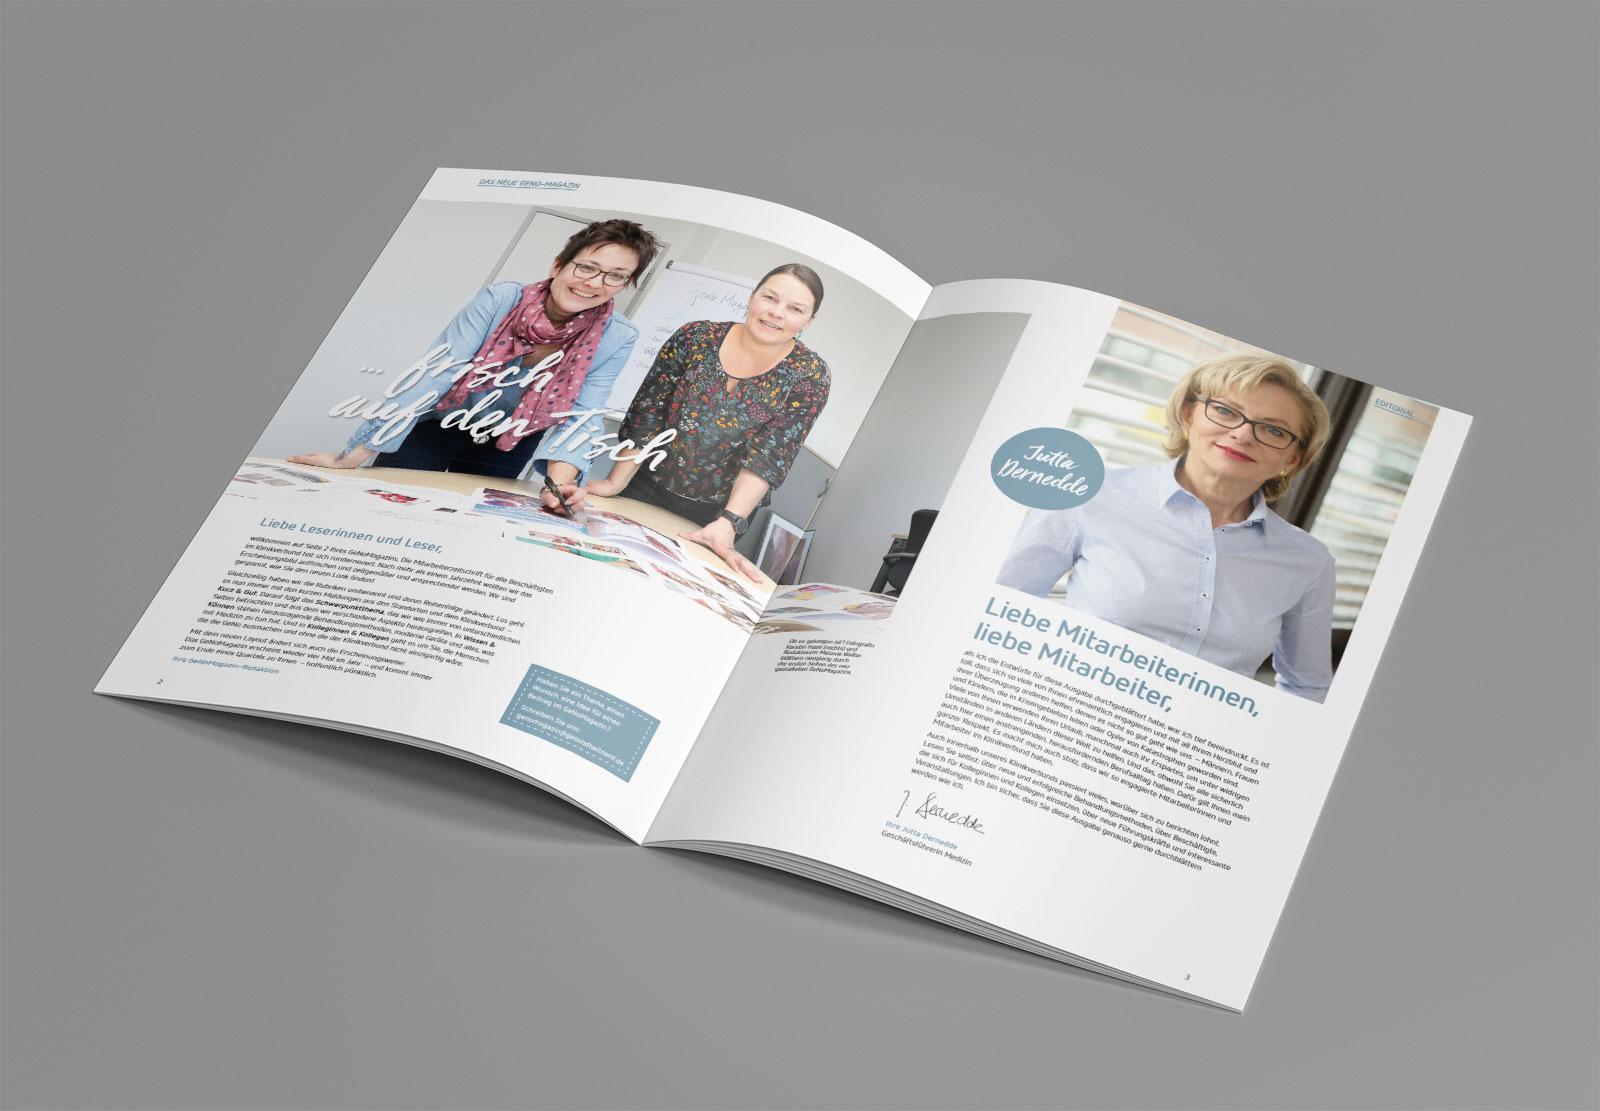 gesundheit nord magazin design